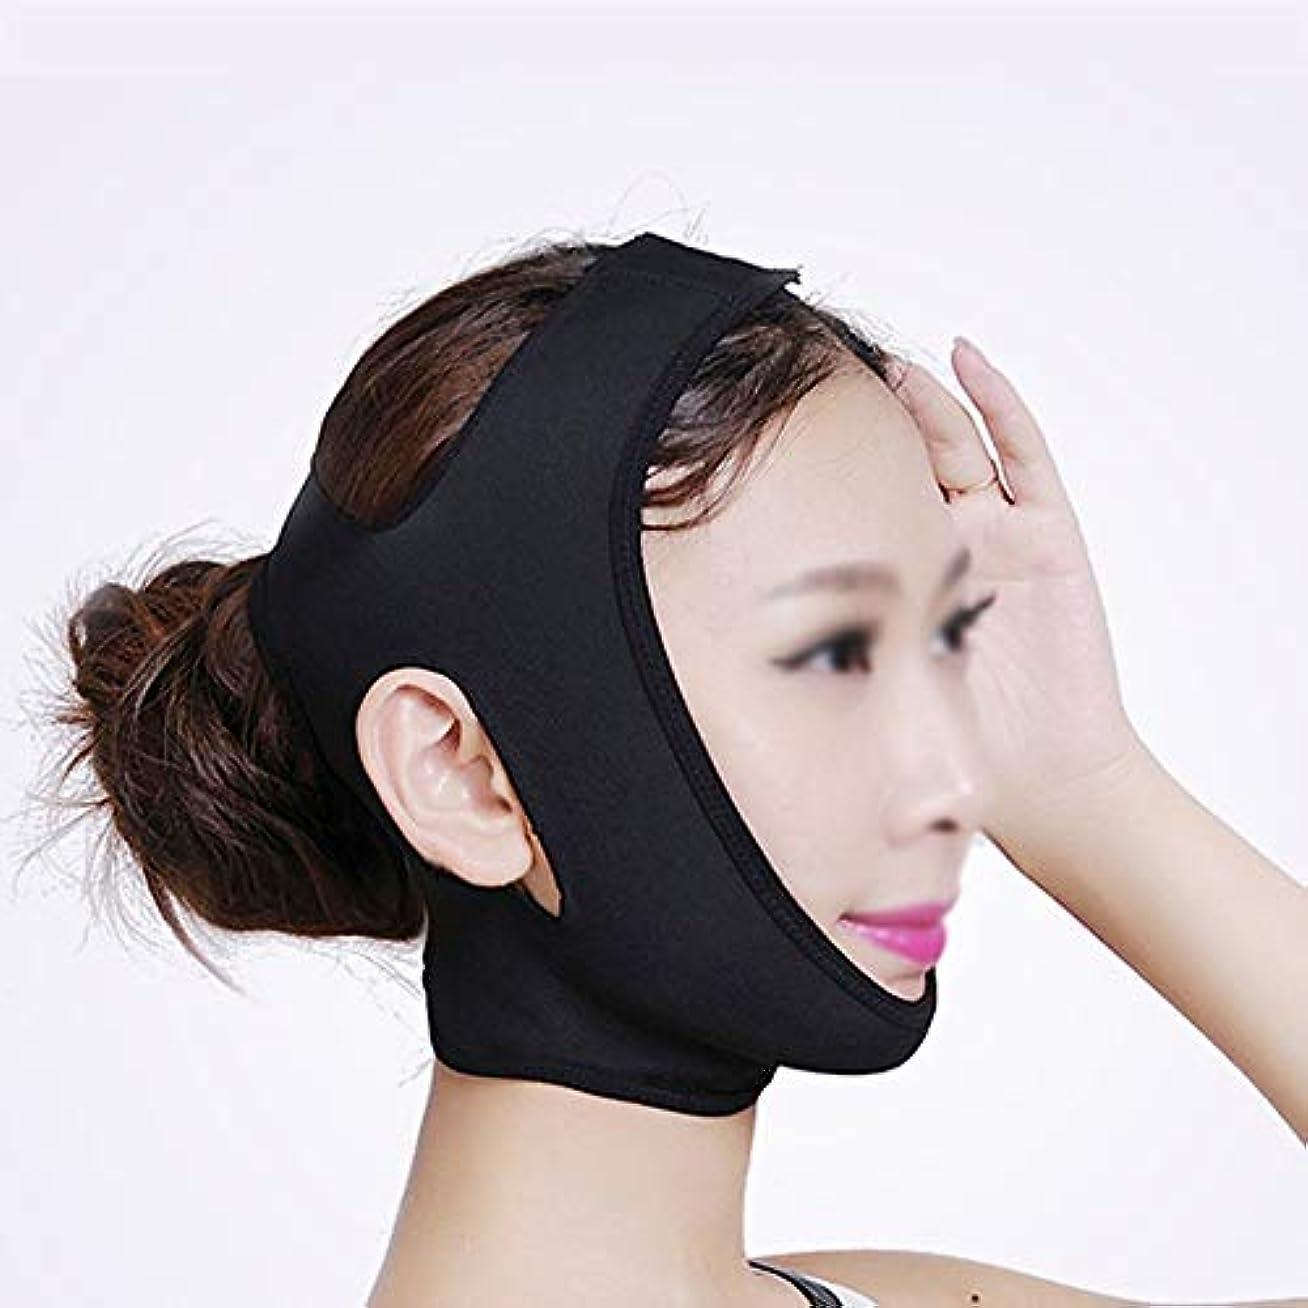 回路盆地信頼性LJK 減量の包帯、顔の持ち上がる包帯、二重あごを減らすために持ち上がるベルトを取除く顔の減量のマスクの持ち上がる表面、フェイスマスク、二重あご (Color : Black, Size : S)